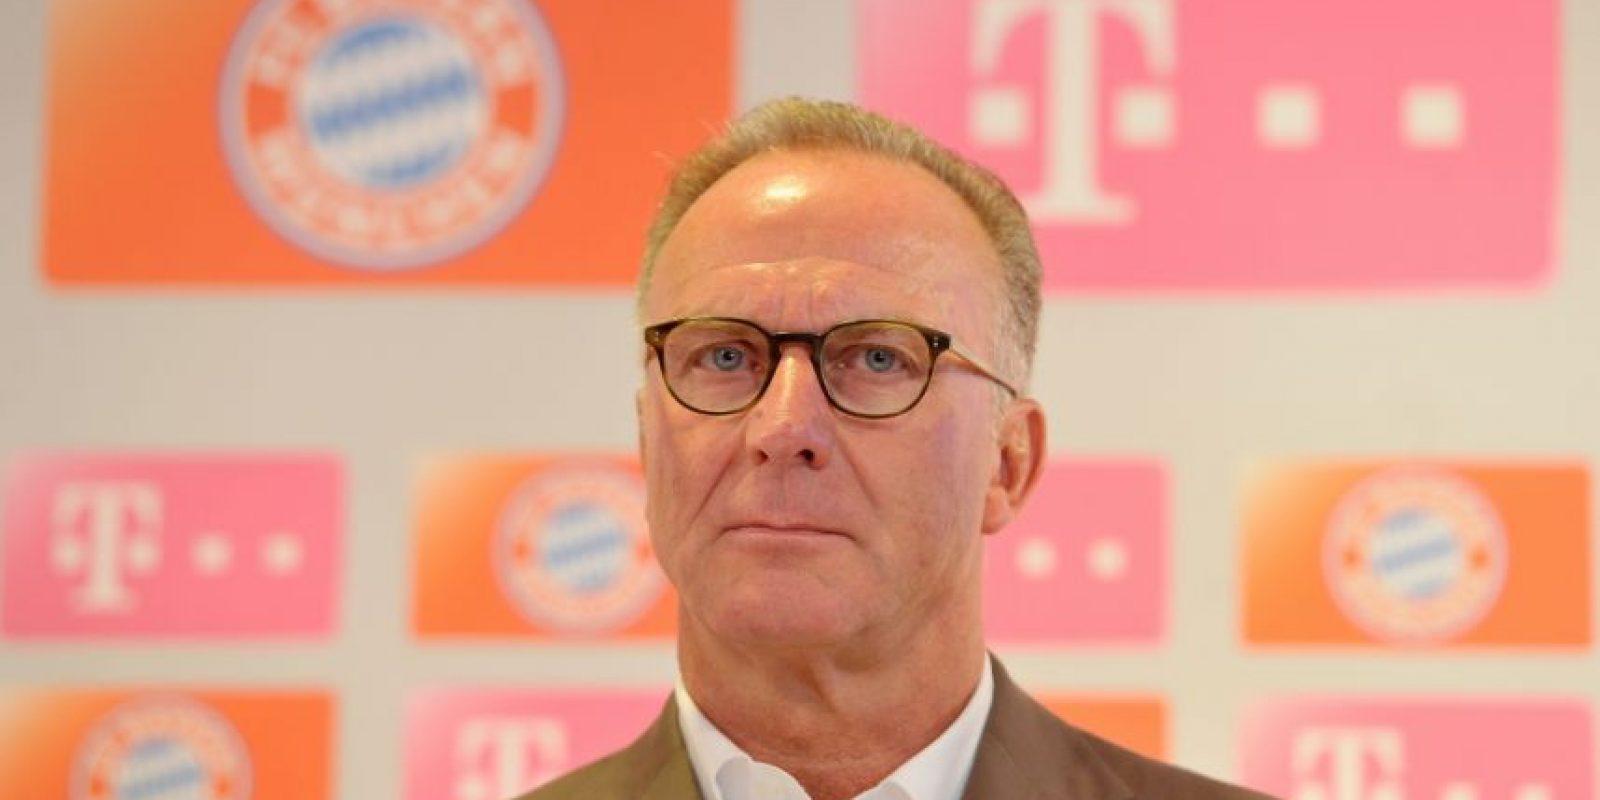 """El Director General de Bayern comentó sobre Van Gaal: """"El problema que él tiene es de actitud. Con una actitud de esas, es necesario ganar siempre. Si pierdes, también pierdes a todos tus amigos"""". Foto:Getty Images"""